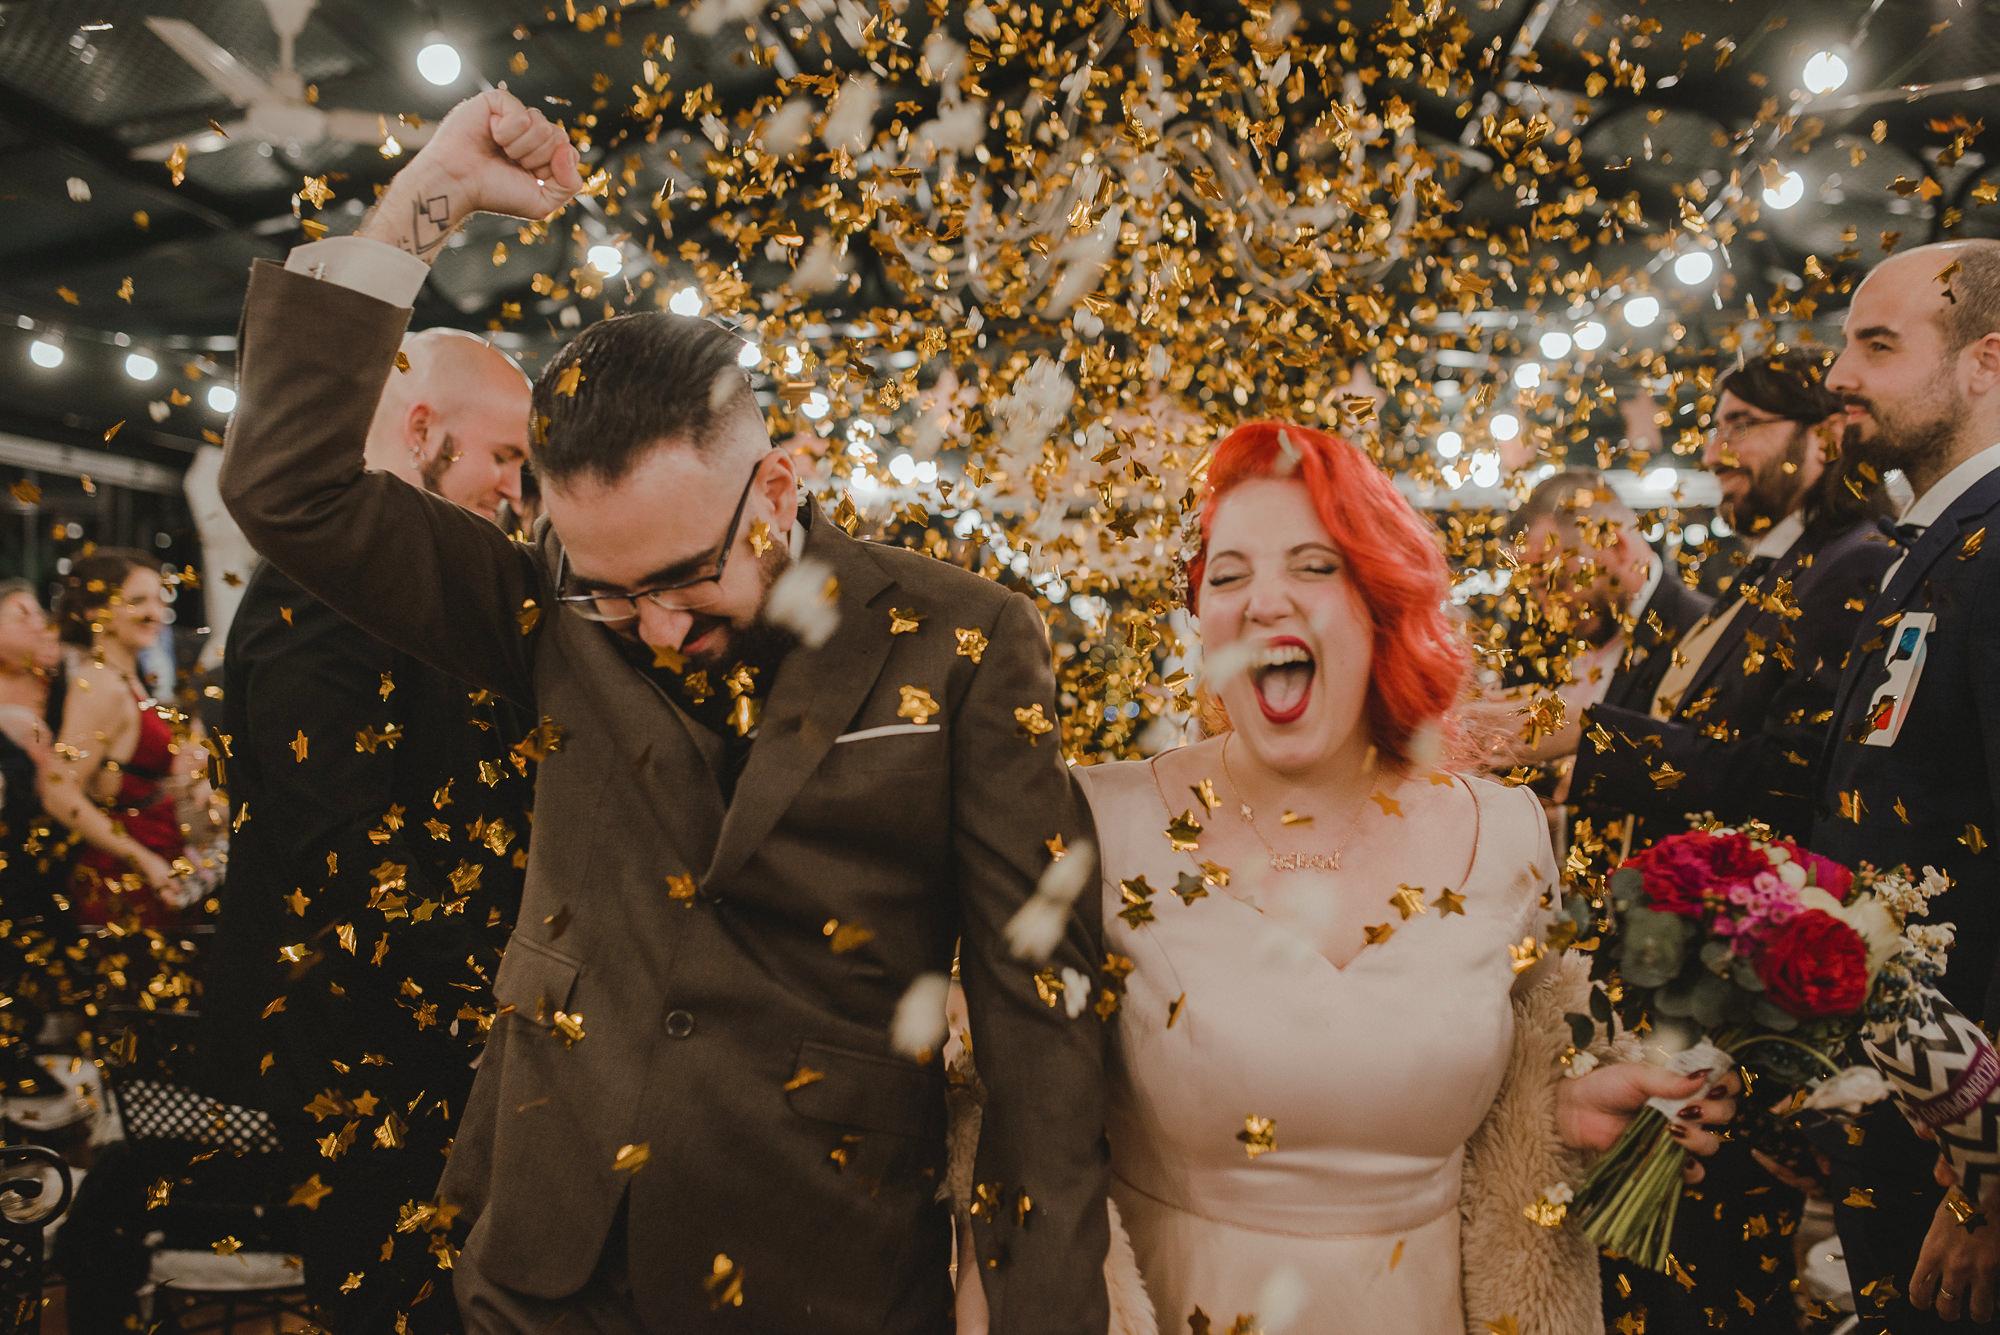 Fotografo de boda en Malaga | Boda en Hacienda el Álamo